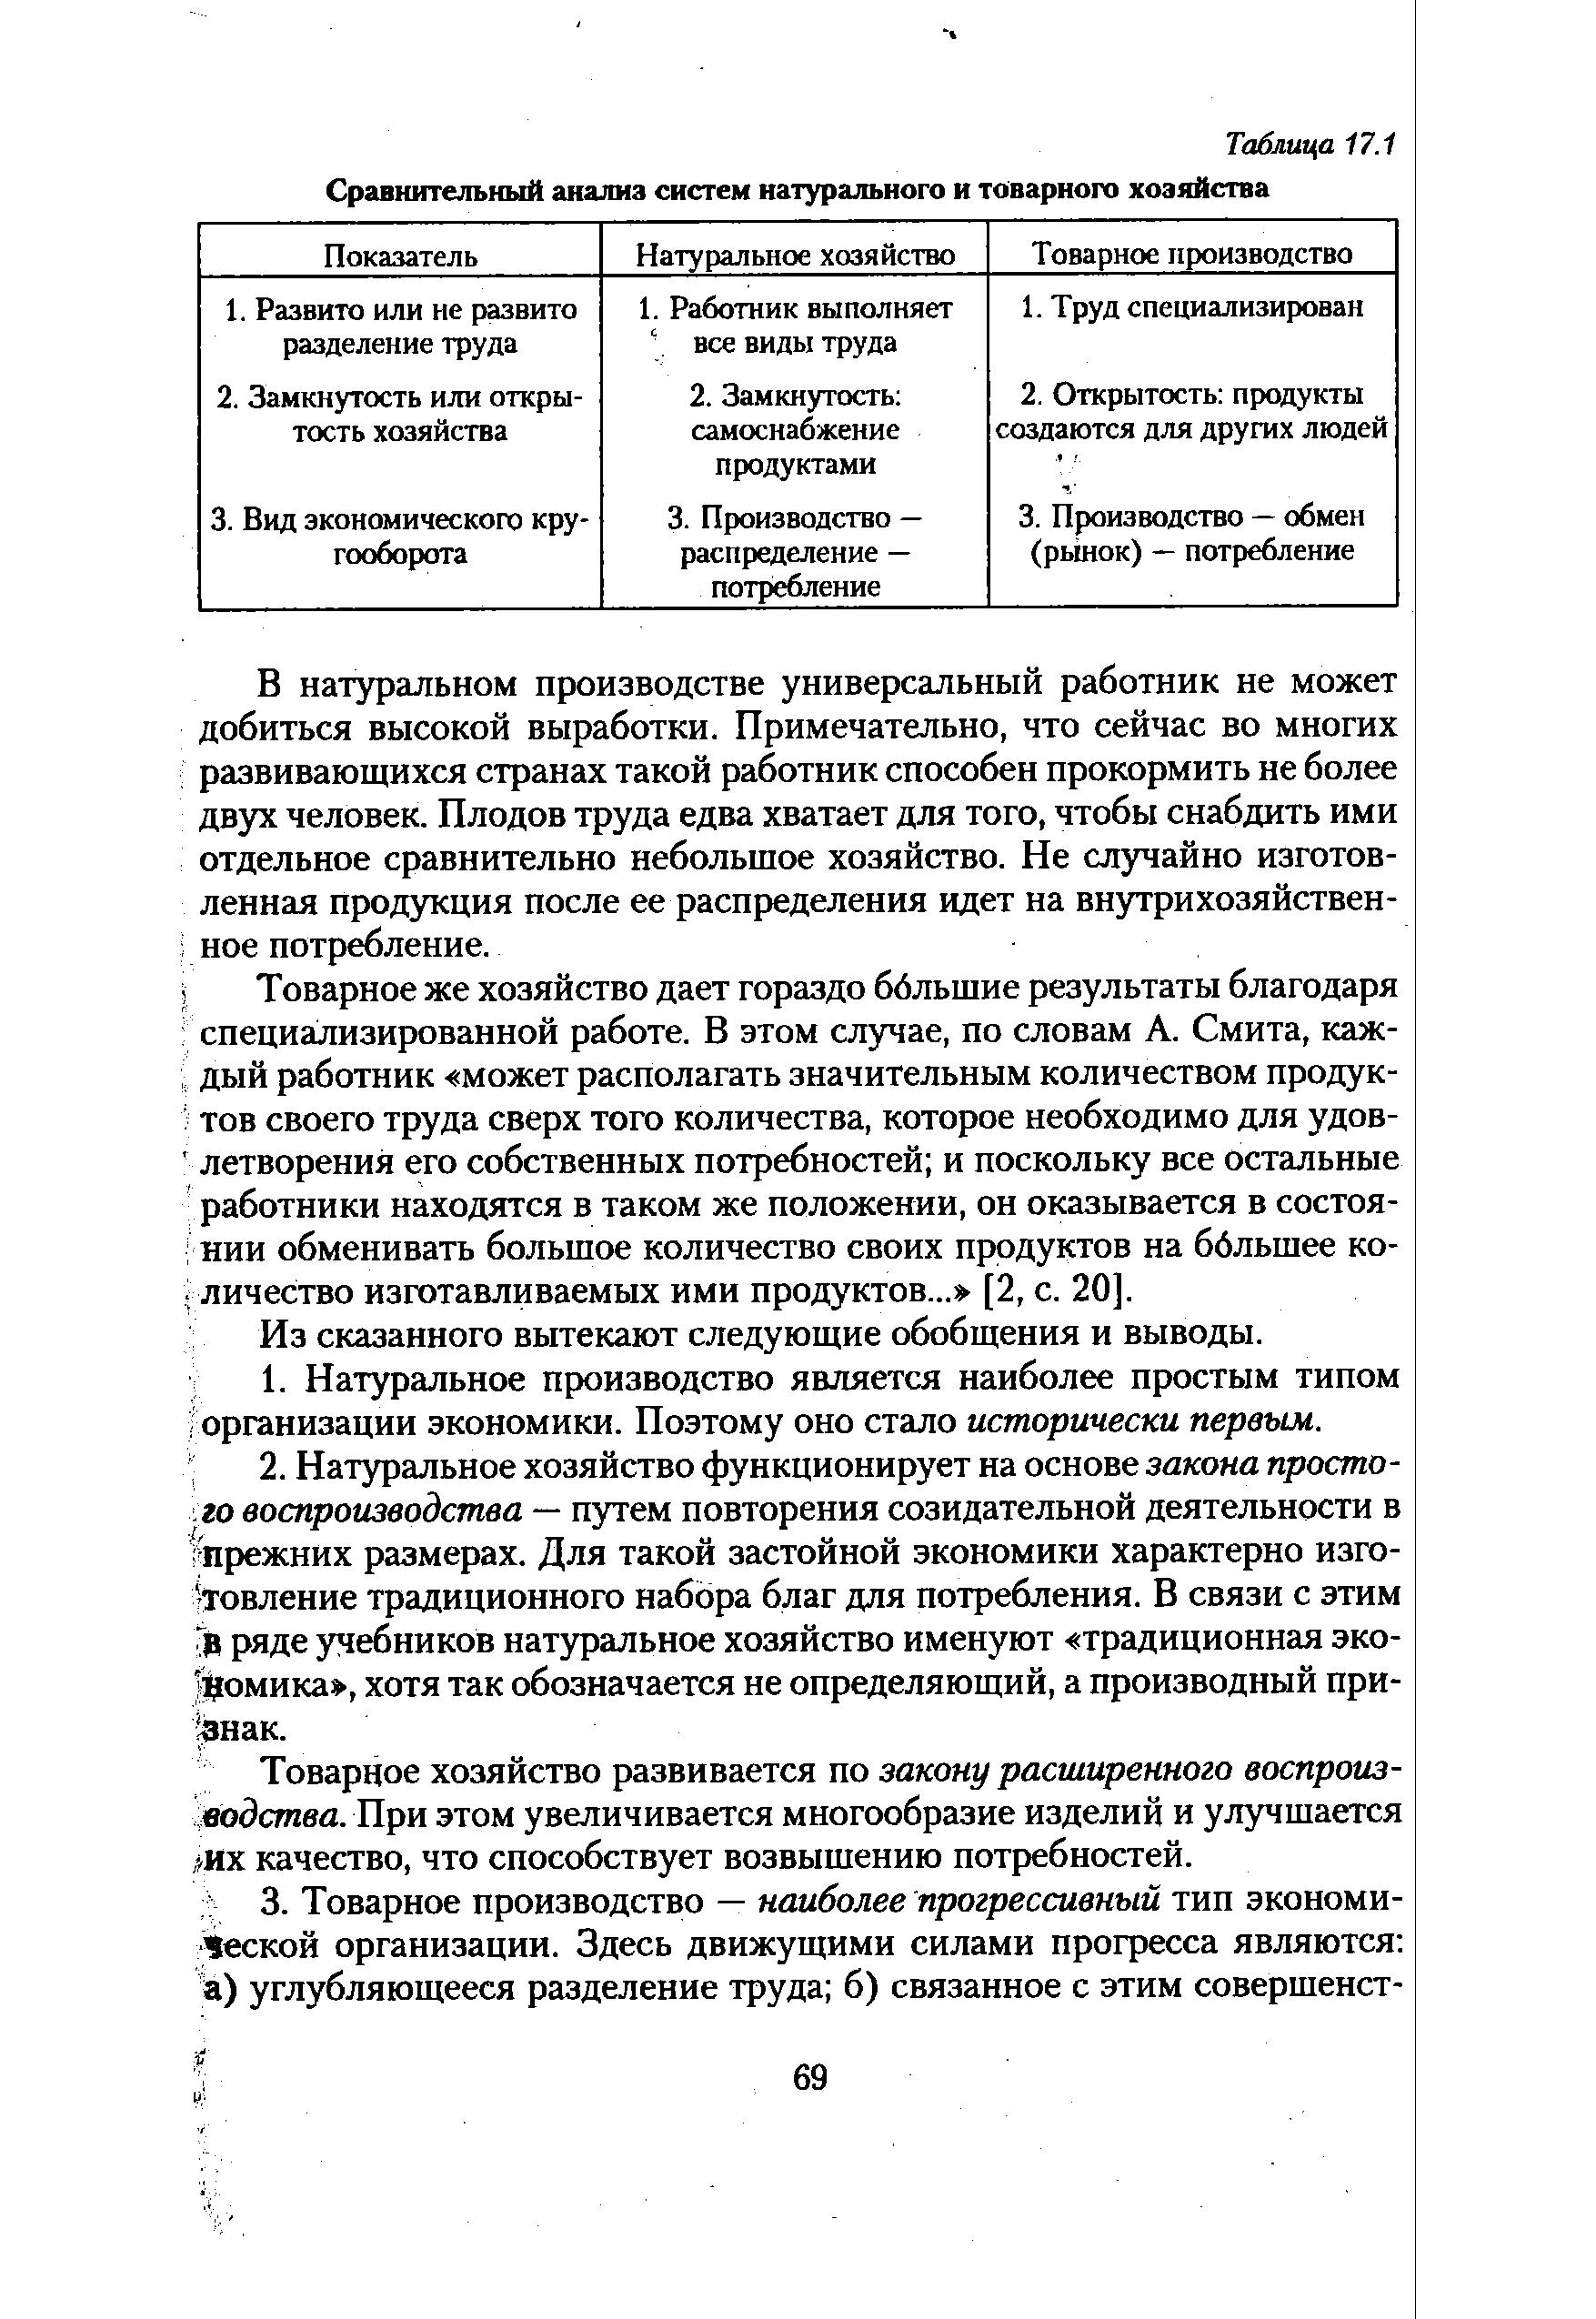 Товарное хозяйство в экономике и его типы